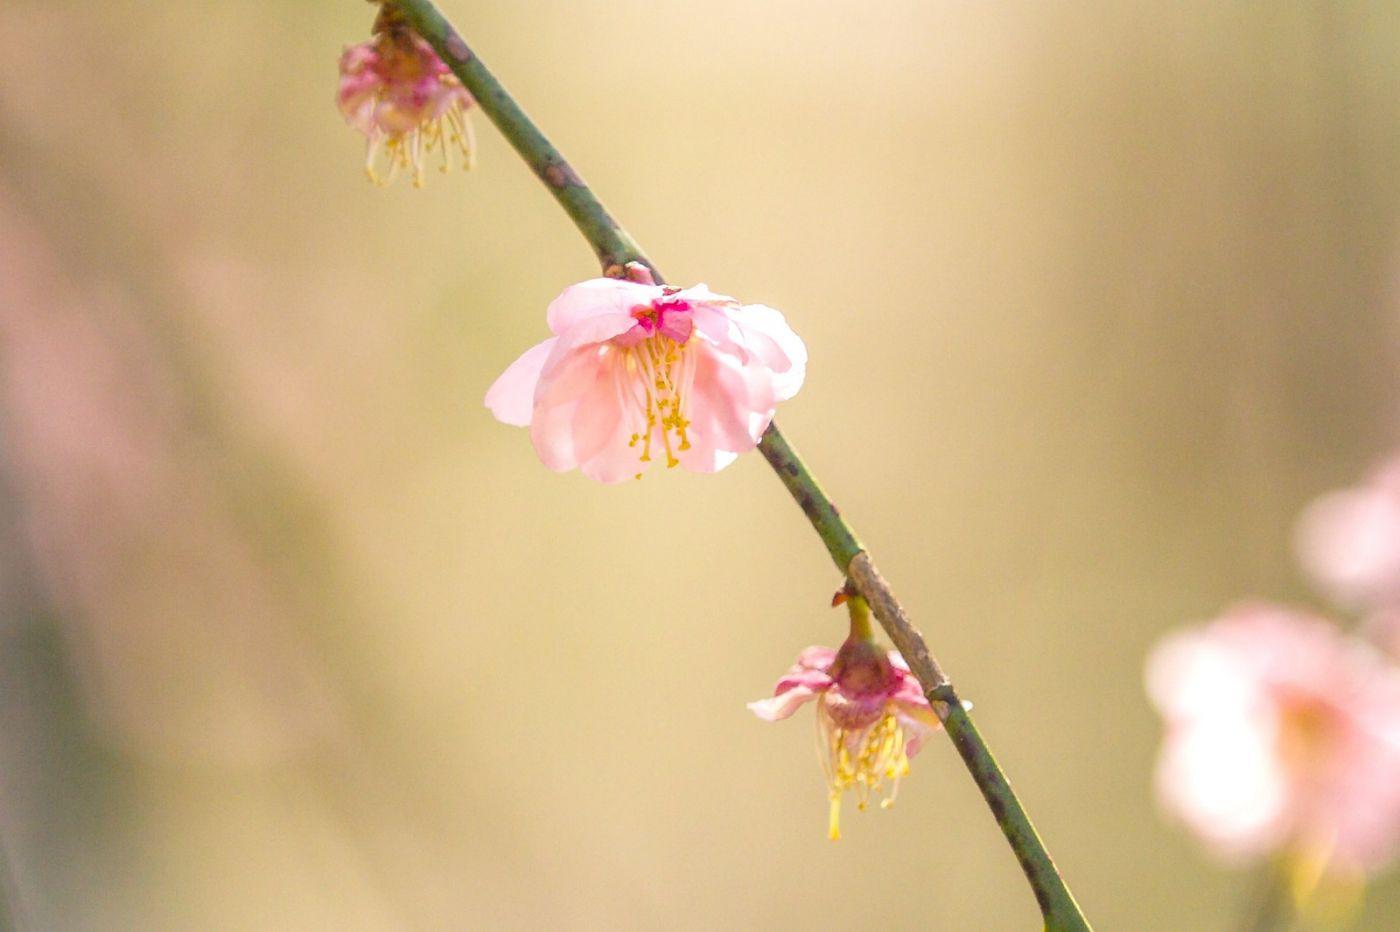 粉红的水嫩的,好看极了_图1-21